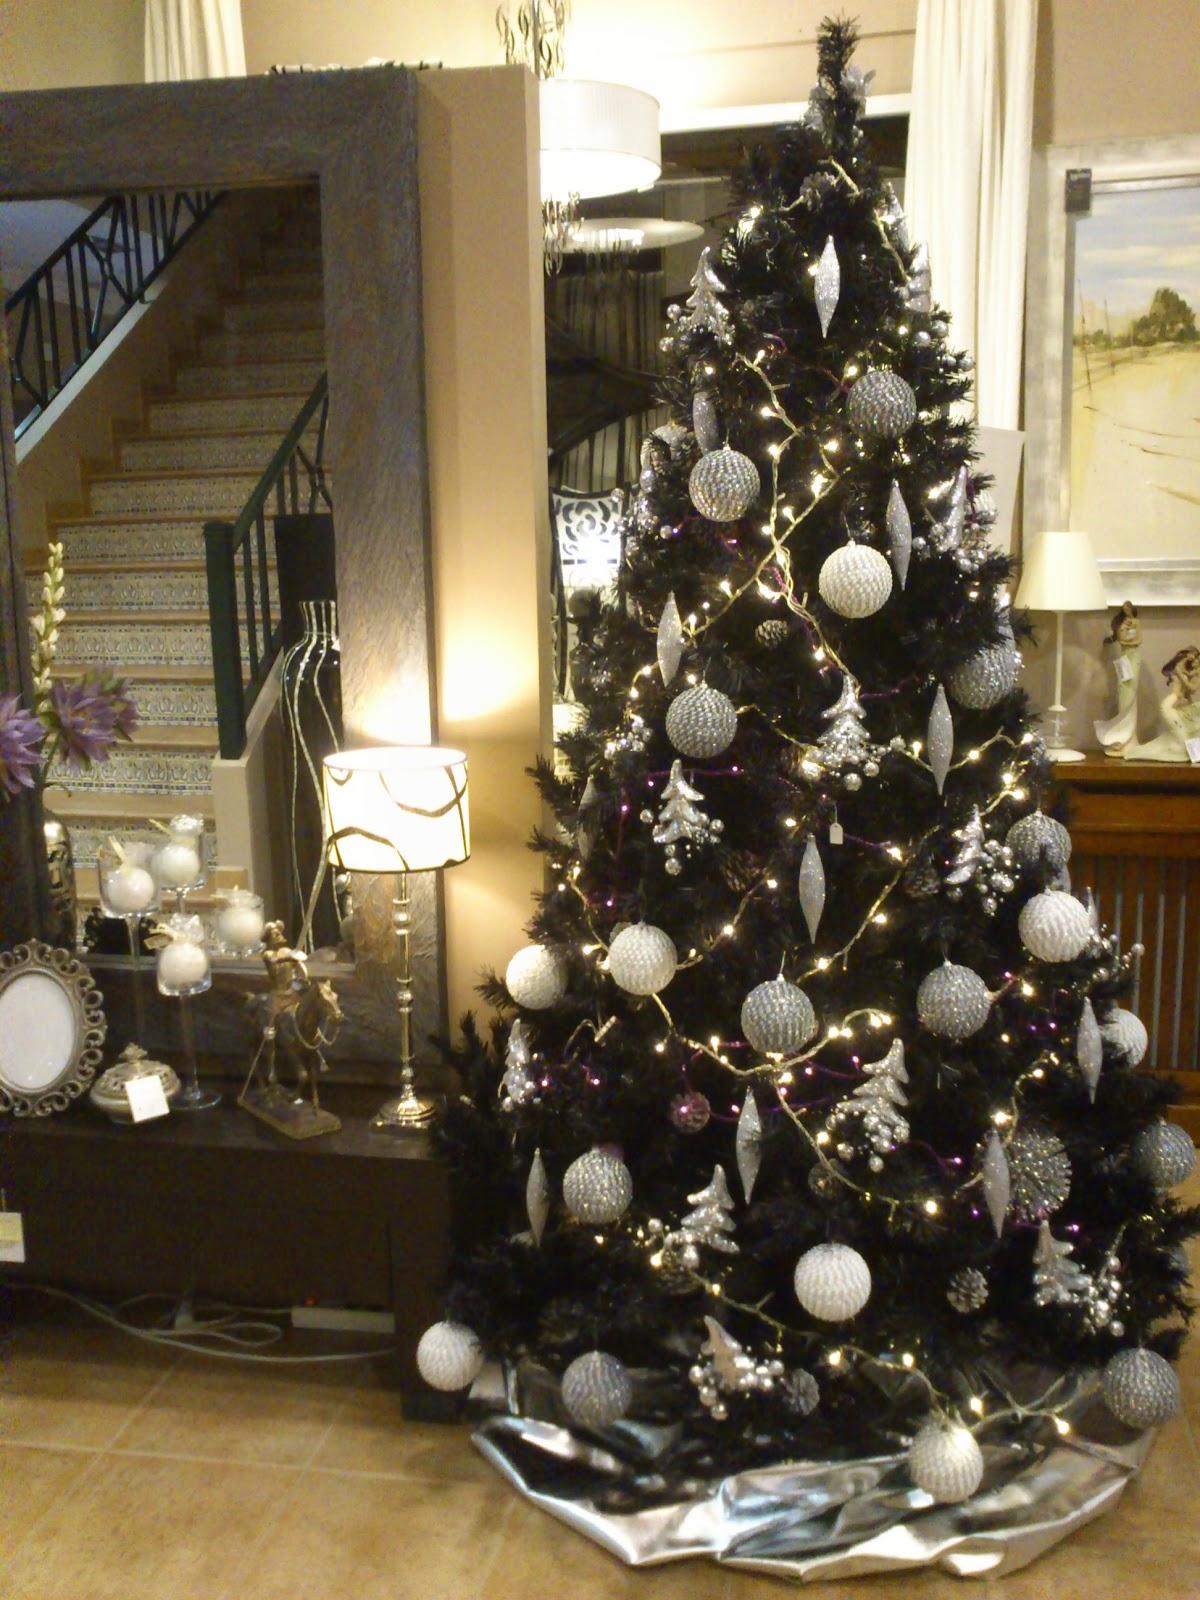 Bamb muebles y cocinas decoraci n navide a for Muebles decorados de navidad